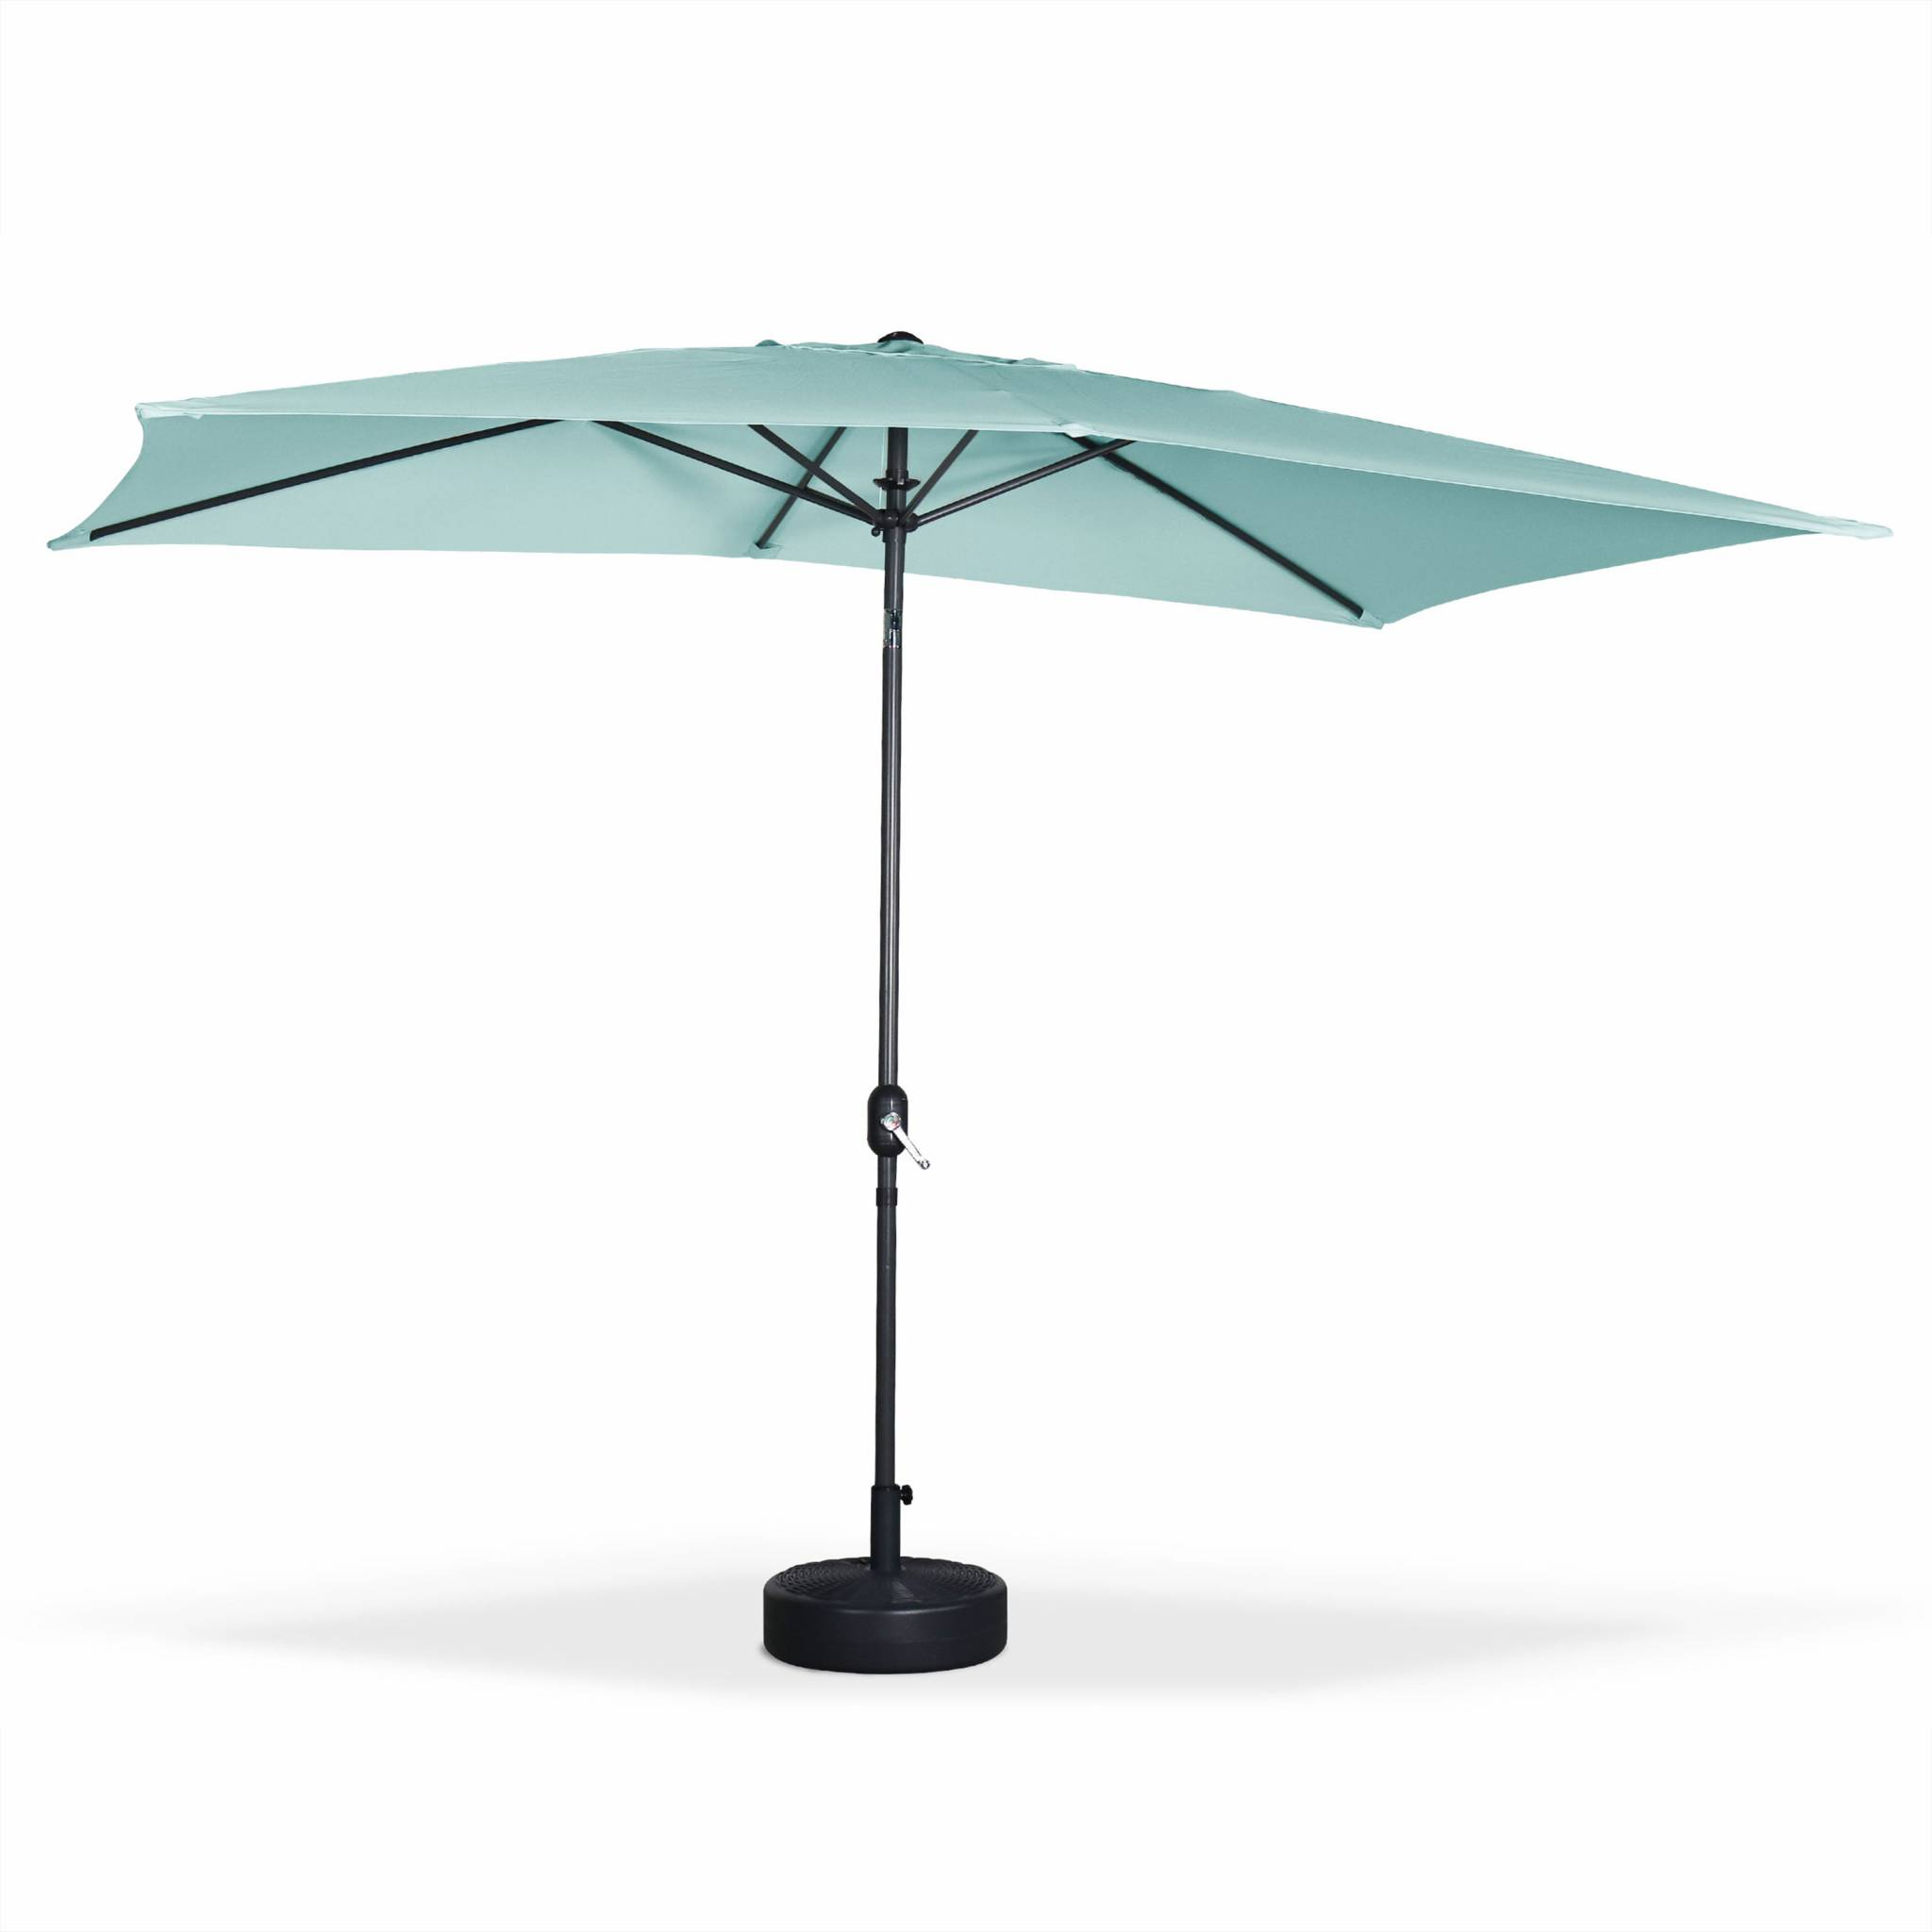 Parasol droit 2x3m rectangulaire en aluminium vert d'eau